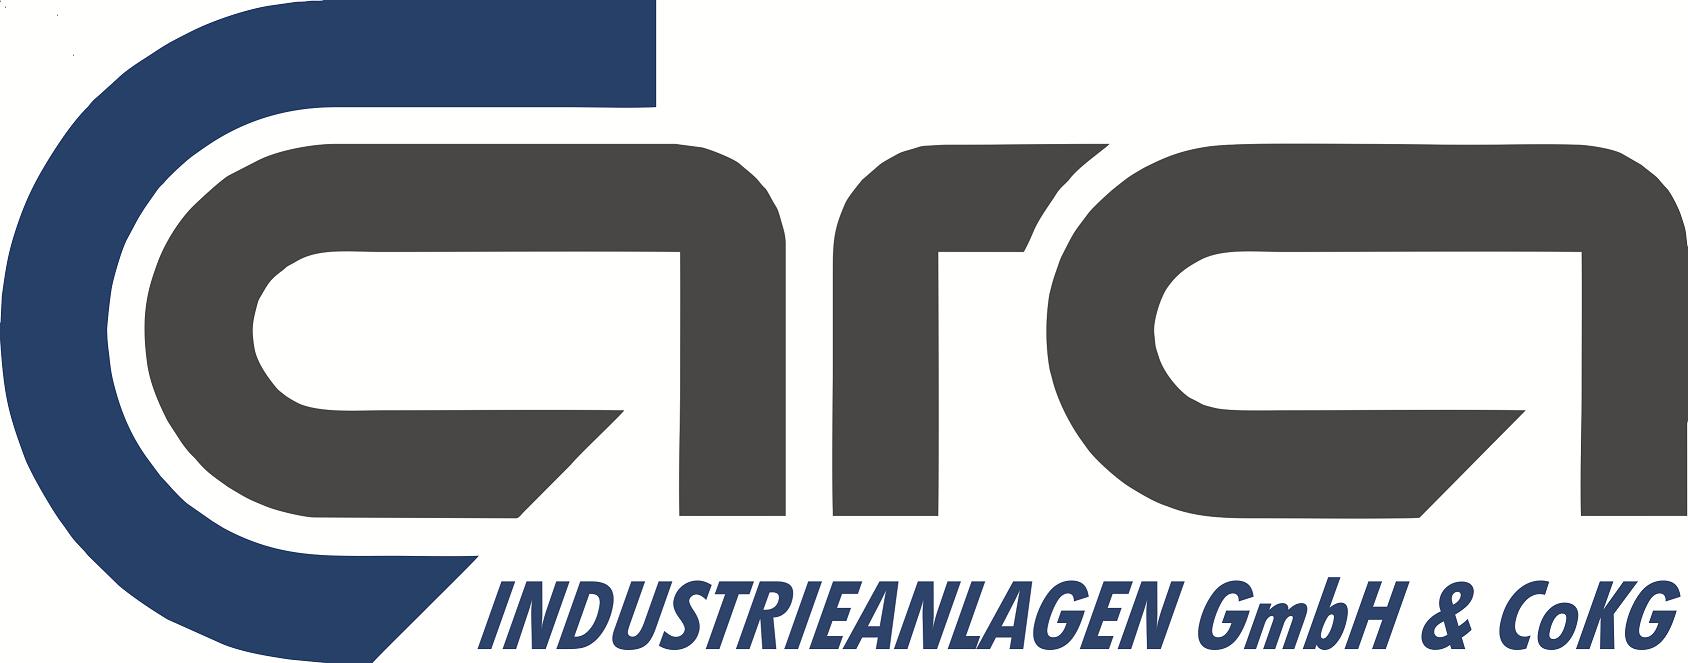 CARA Industrieanlagen